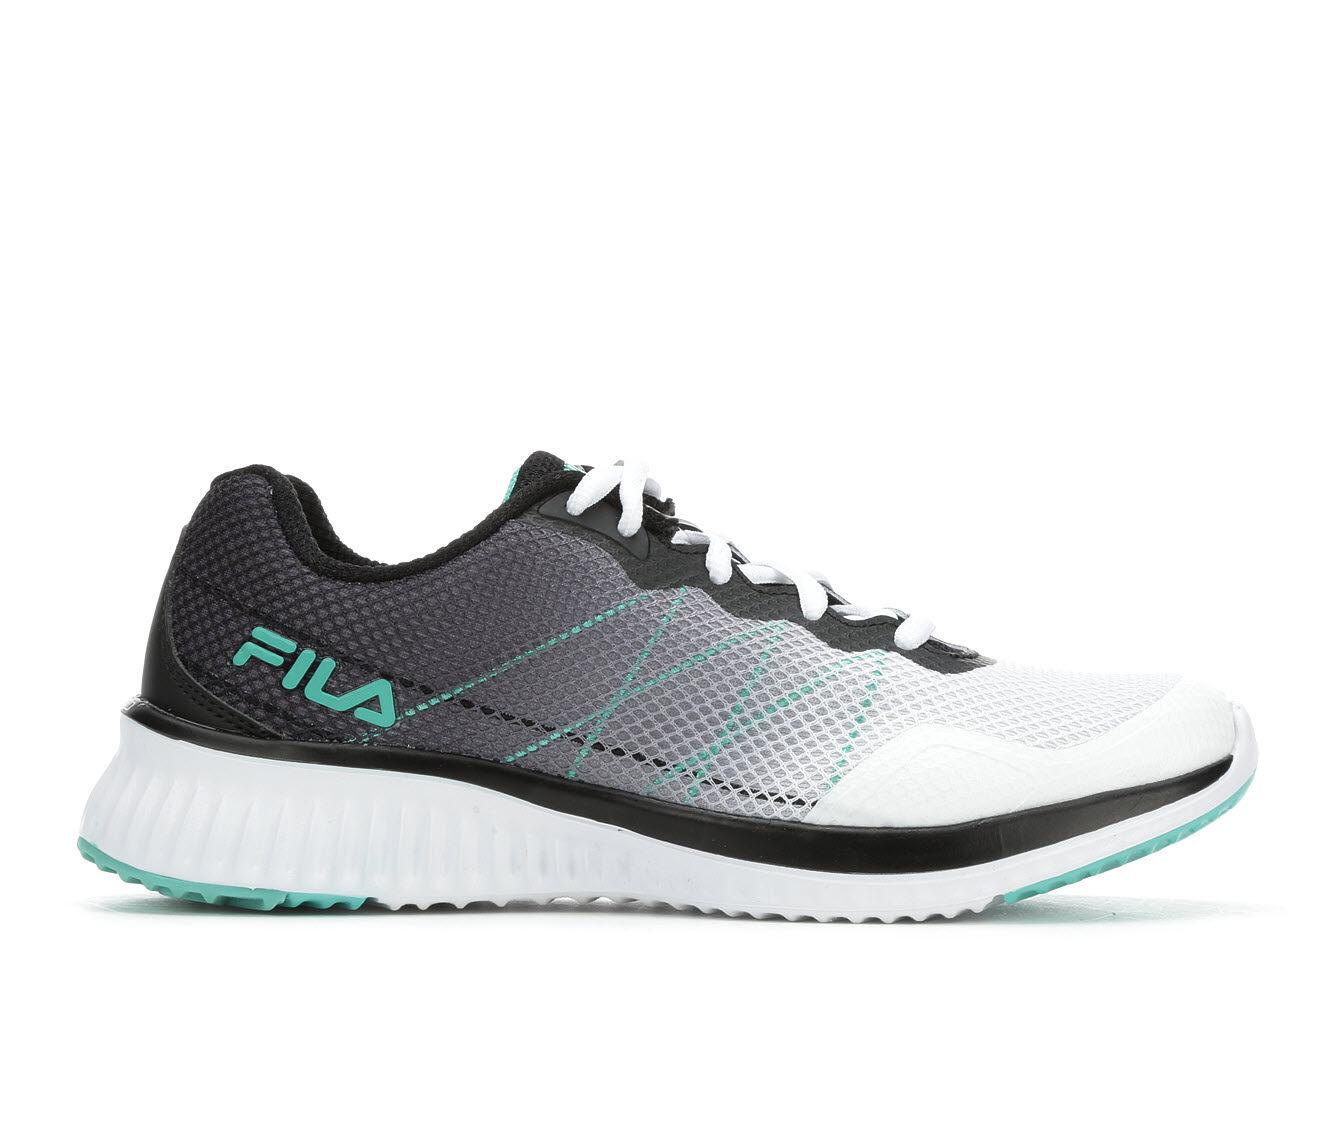 Women's Fila Memory Geosonic Sneakers Wht/Blk/Green